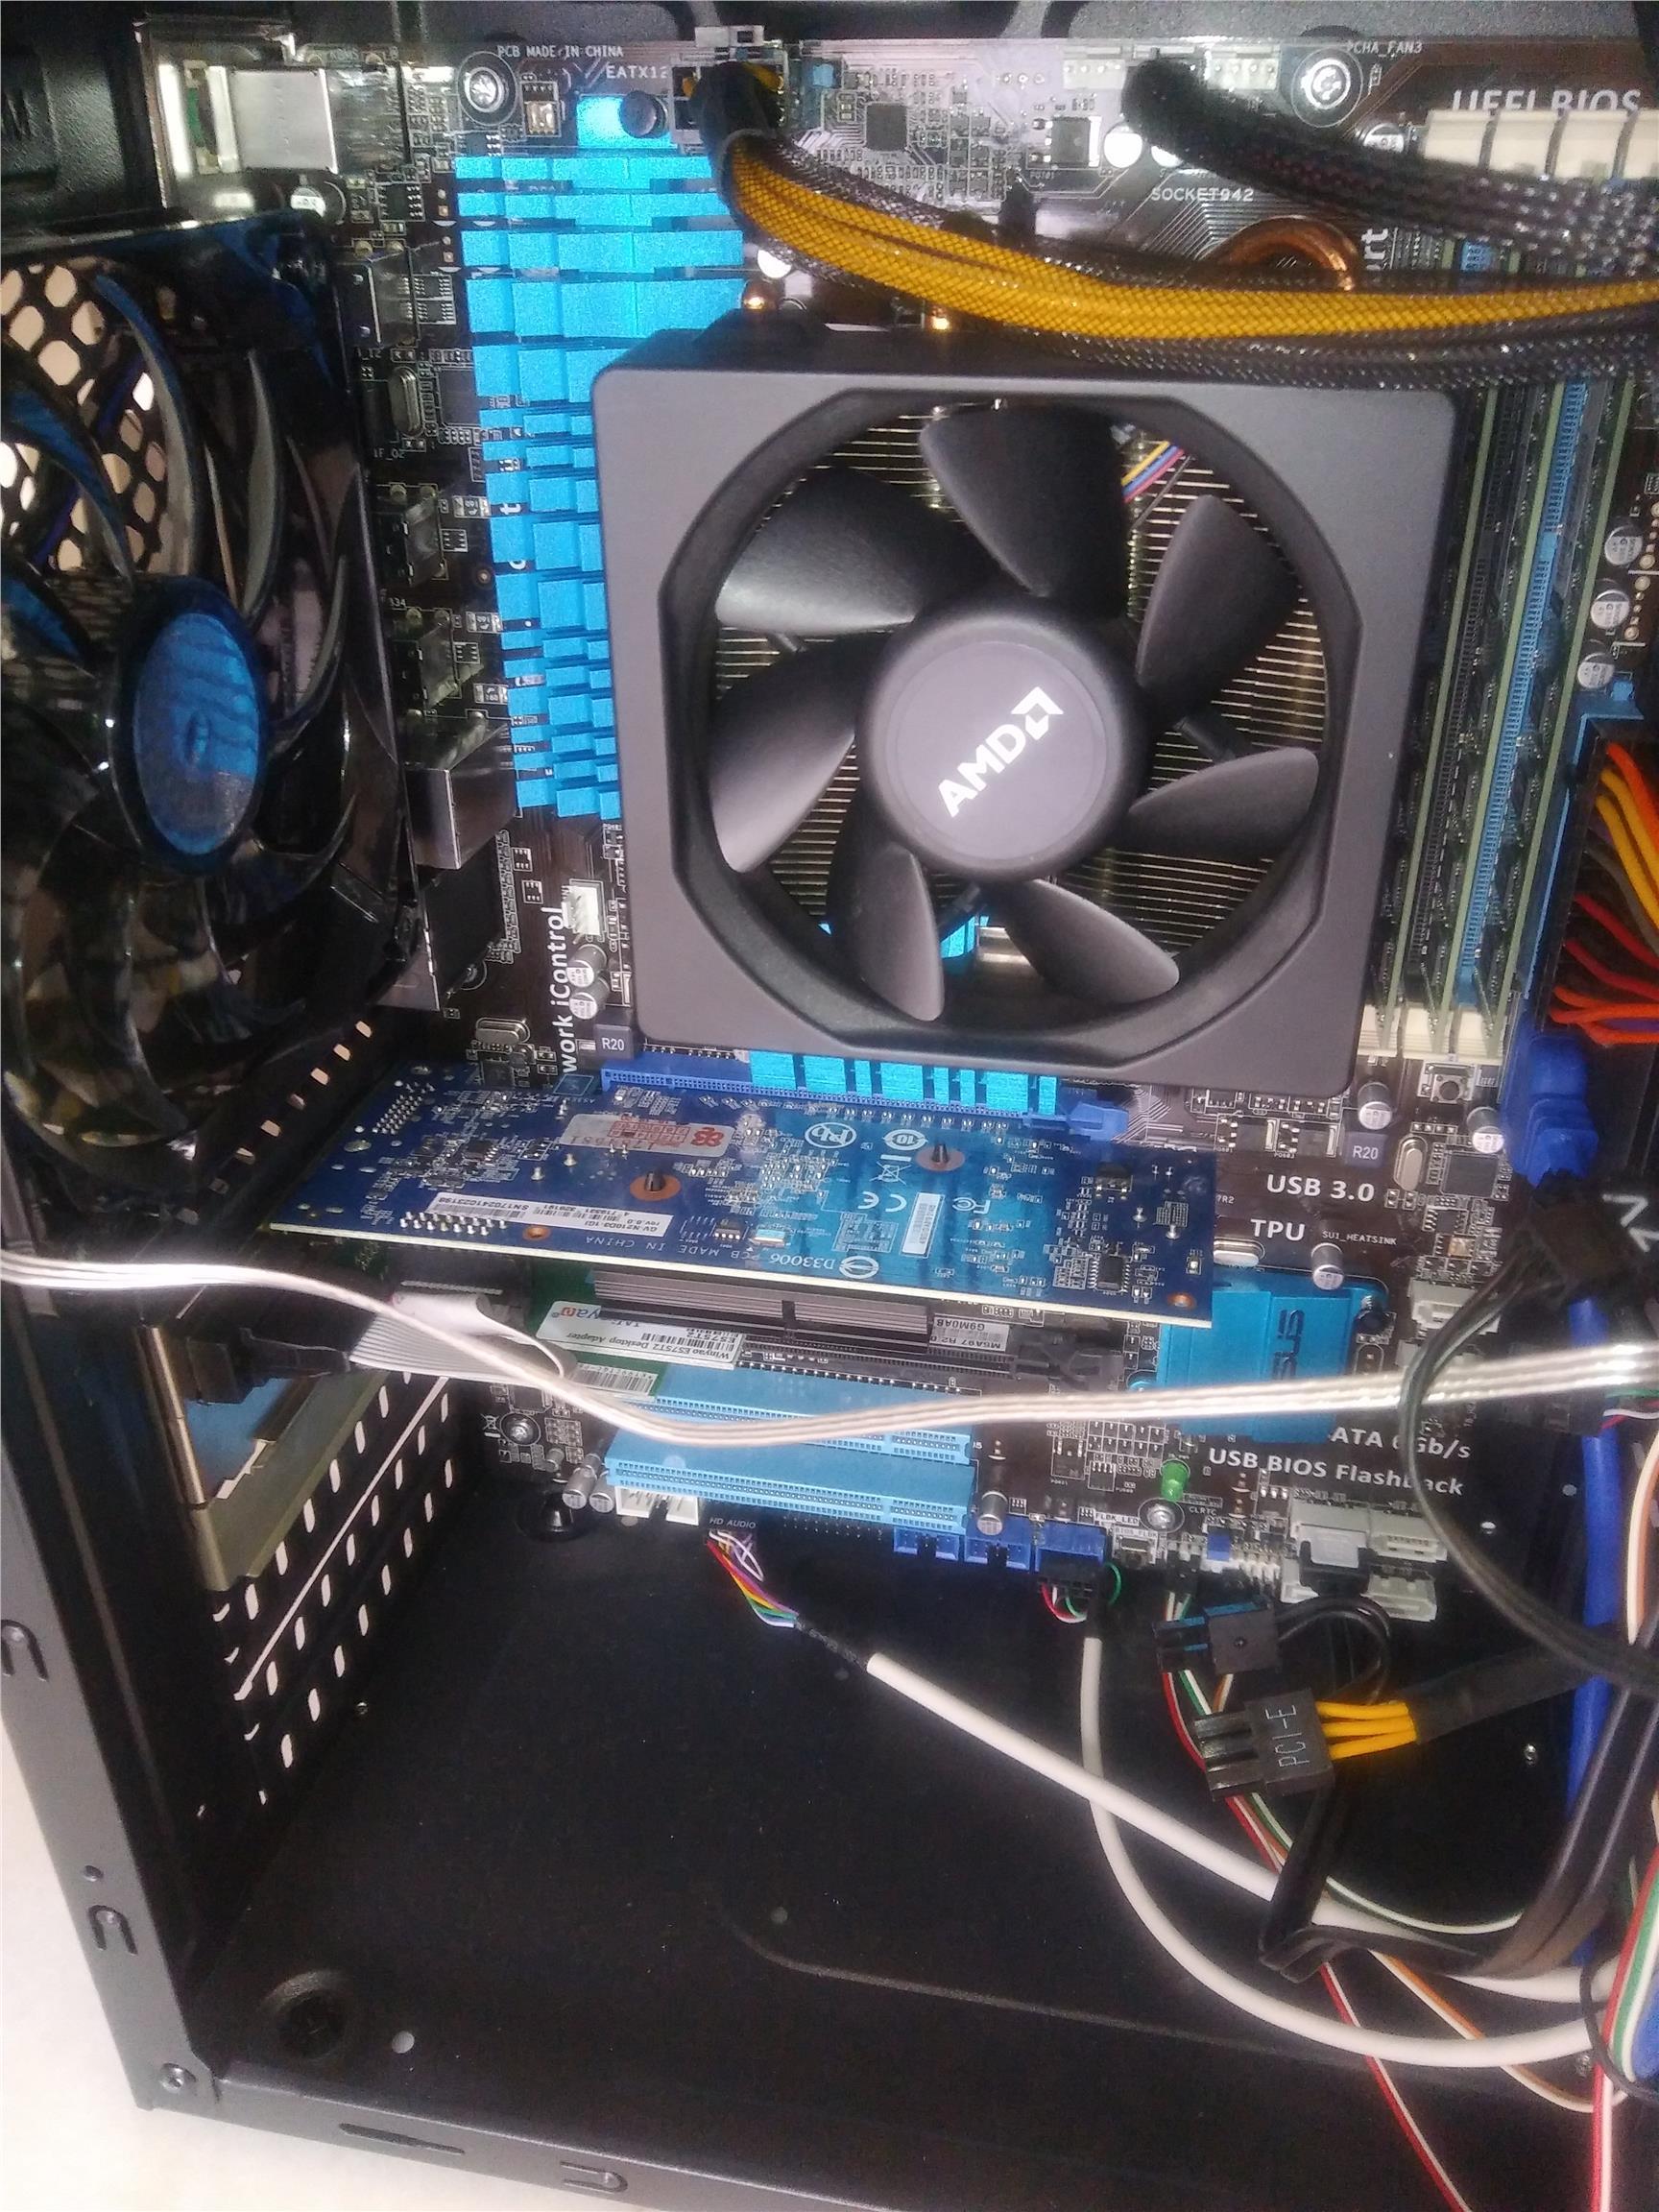 Desktop PC Computer (AMD FX-8350 8-core 4Ghz, 16G RAM, 240G SSD)